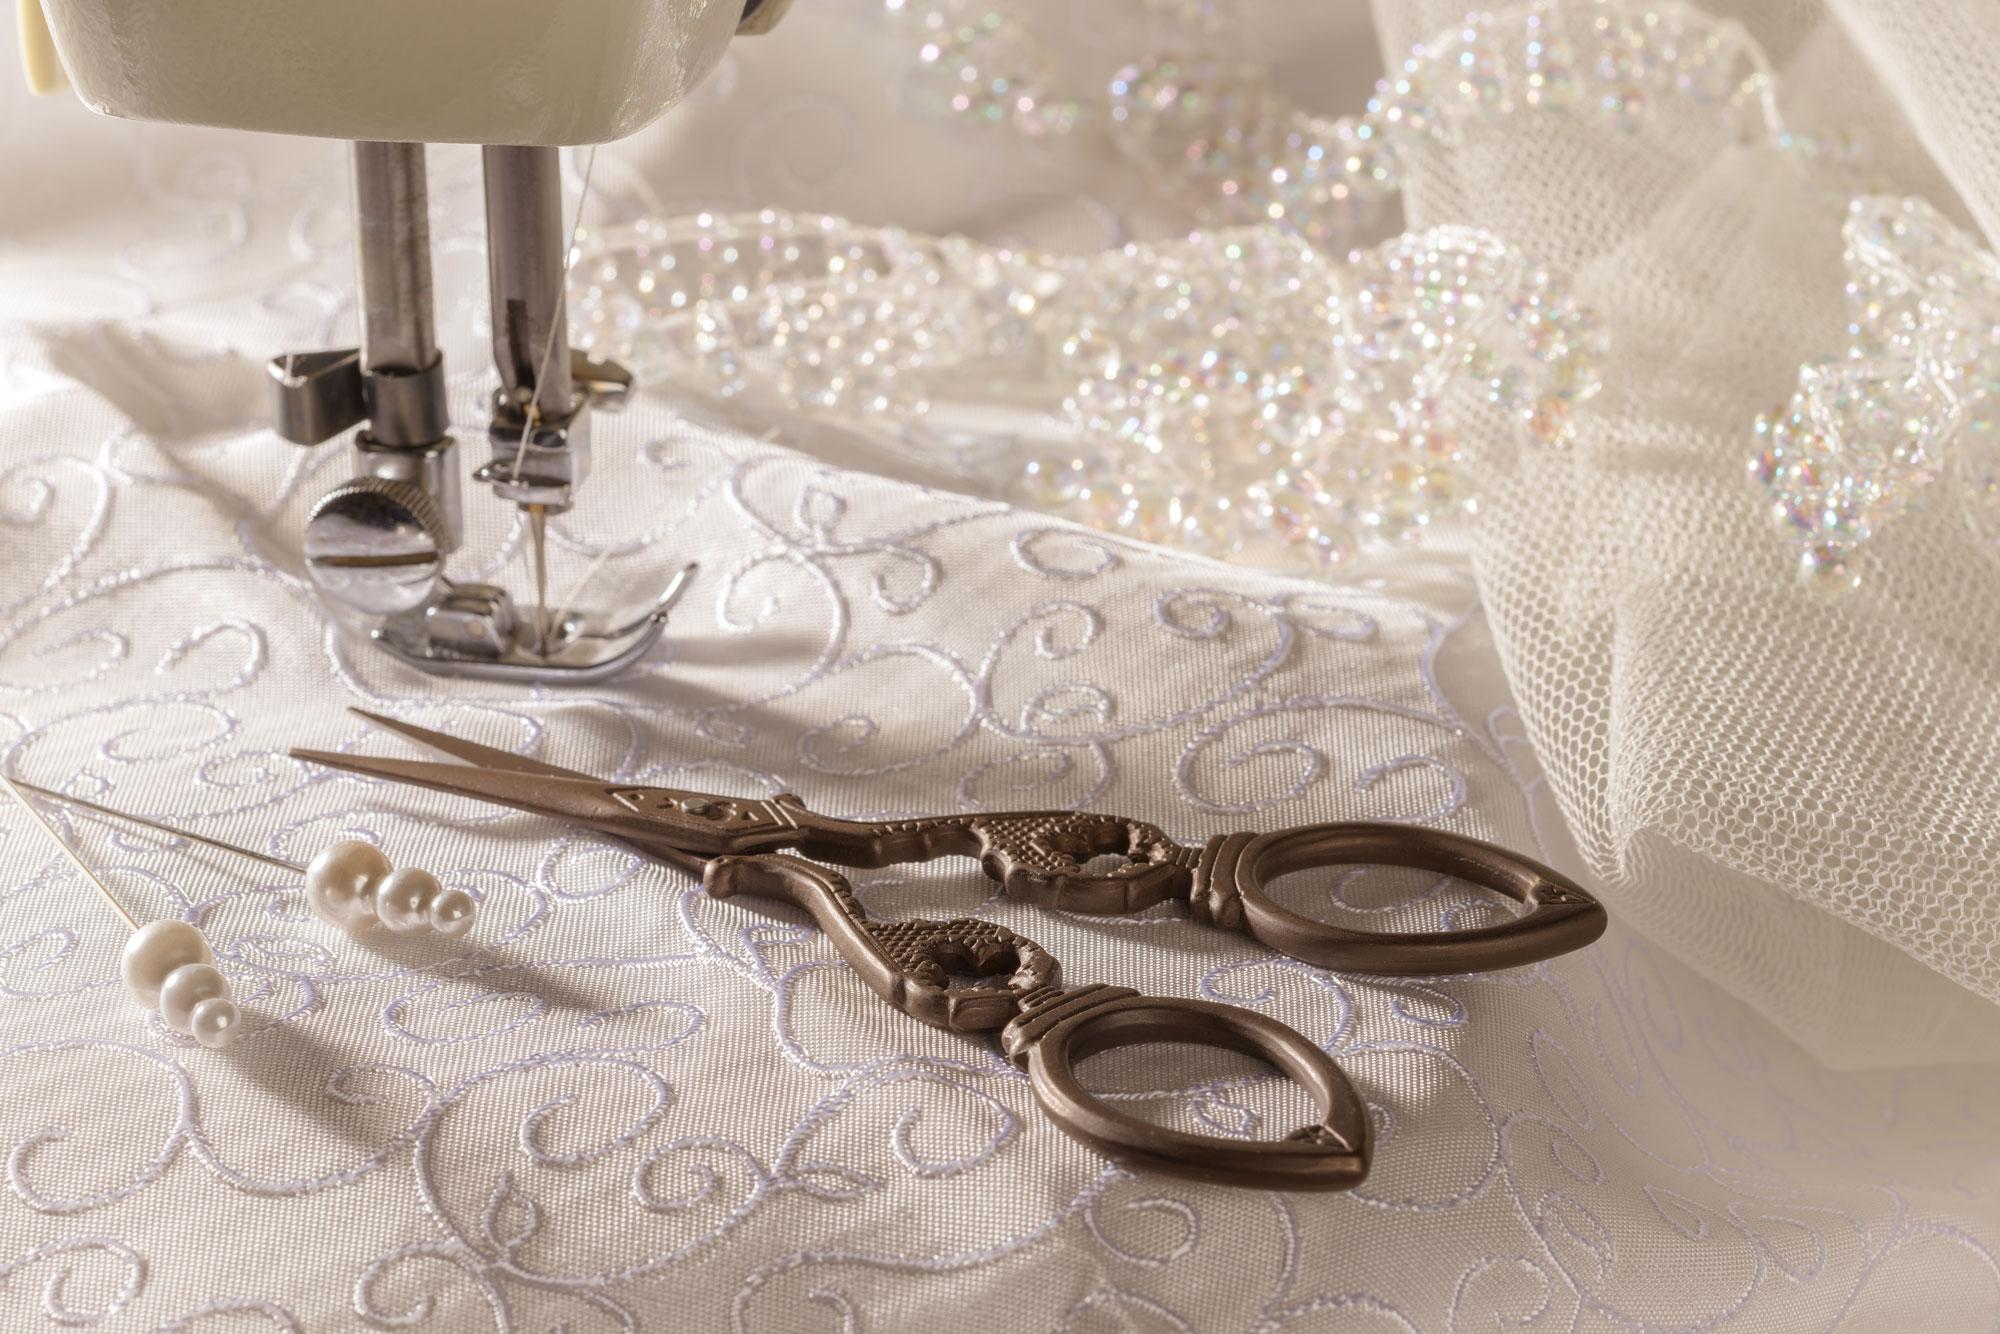 Bespoke Wedding Dress Tailoring - Manoj Bespoke Tailor Sheffield